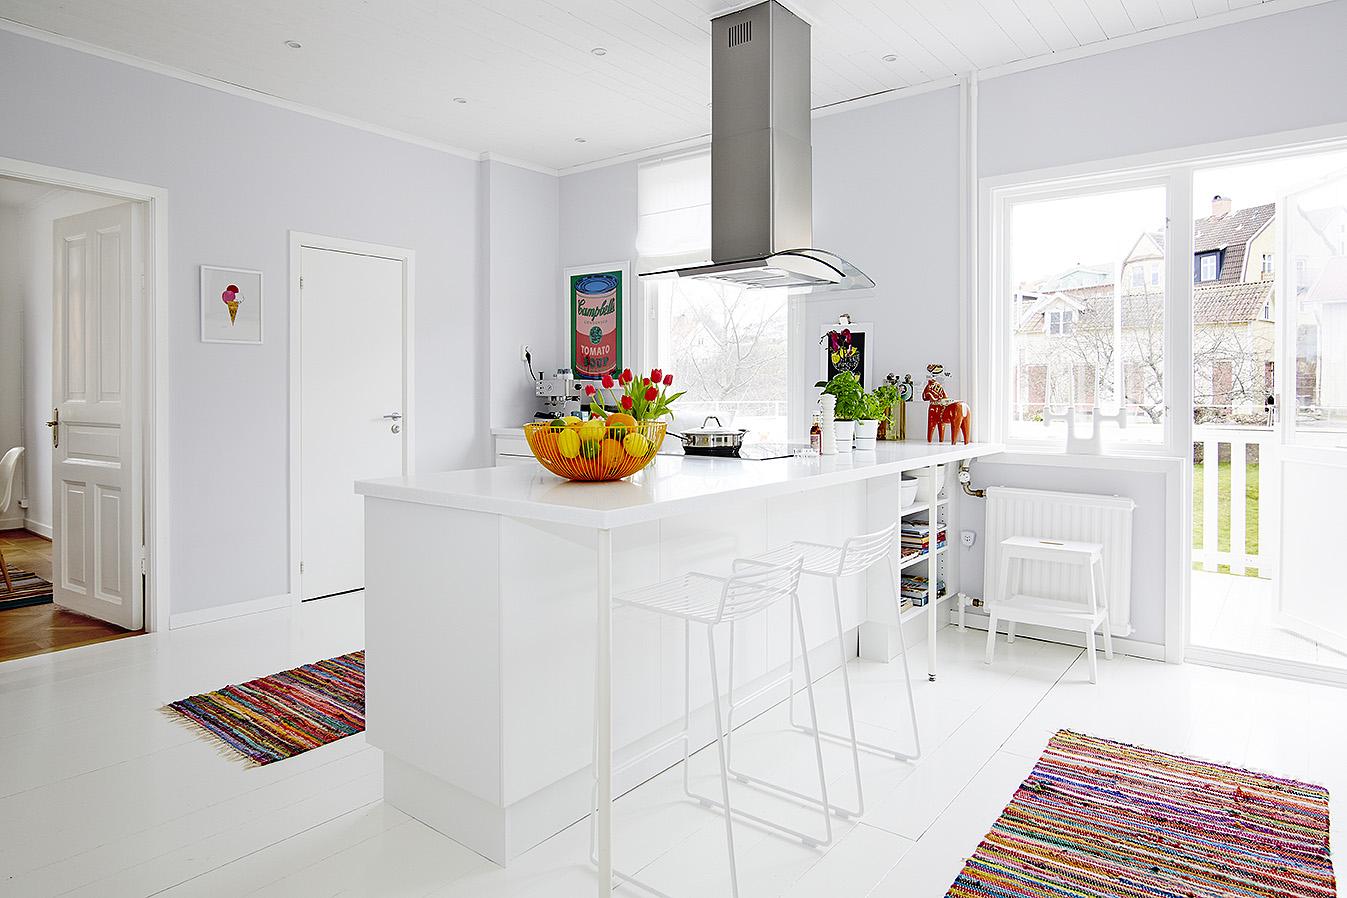 La cocina es lo importante blog tienda decoraci n estilo for Decoracion de cocinas modernas fotos